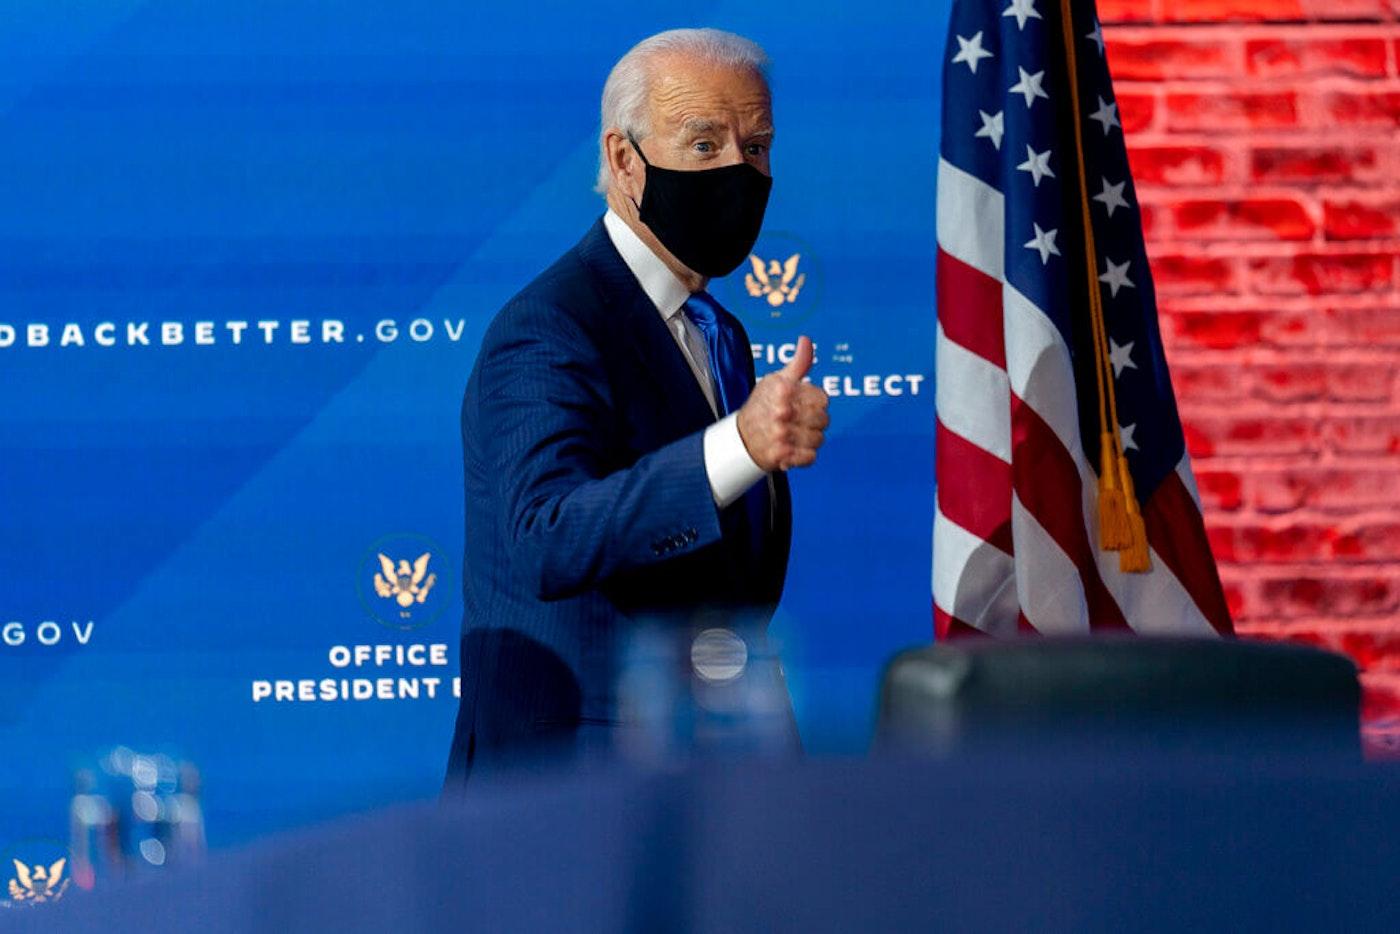 Joe-Biden-Masks-100-days